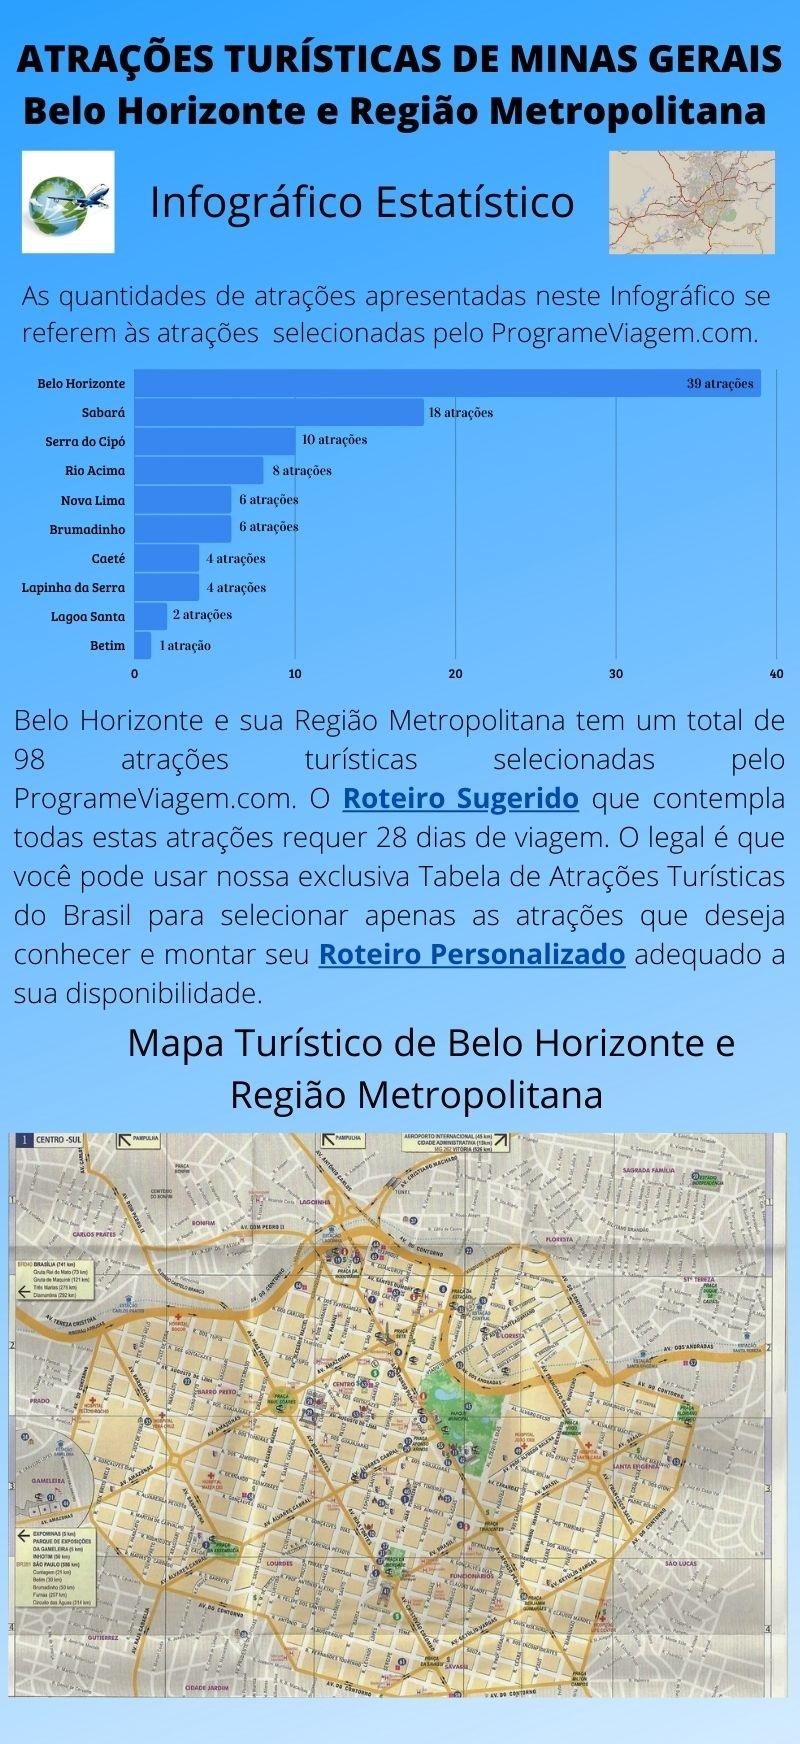 Infográfico Atrações Turísticas de Minas Gerais (BH e Região Metropolitana) 1